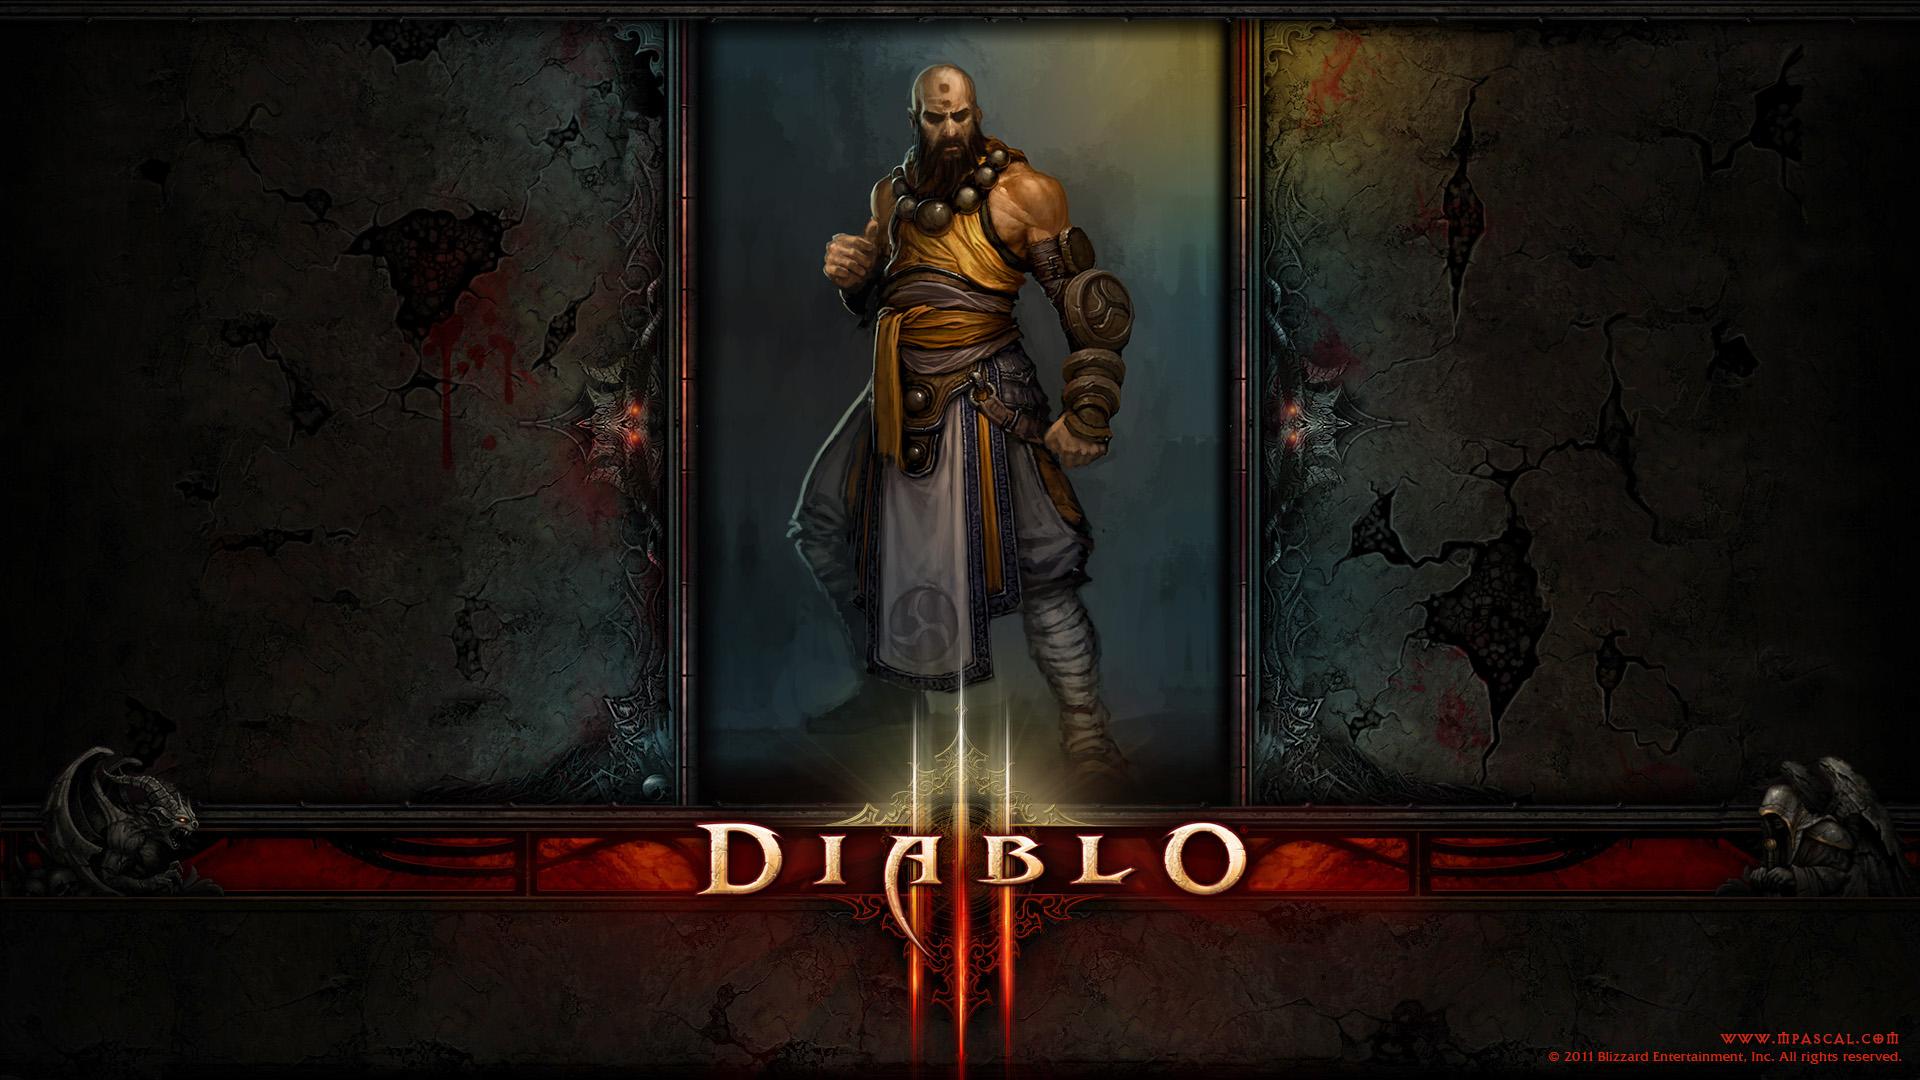 Diablo 3 Monk wallpape...